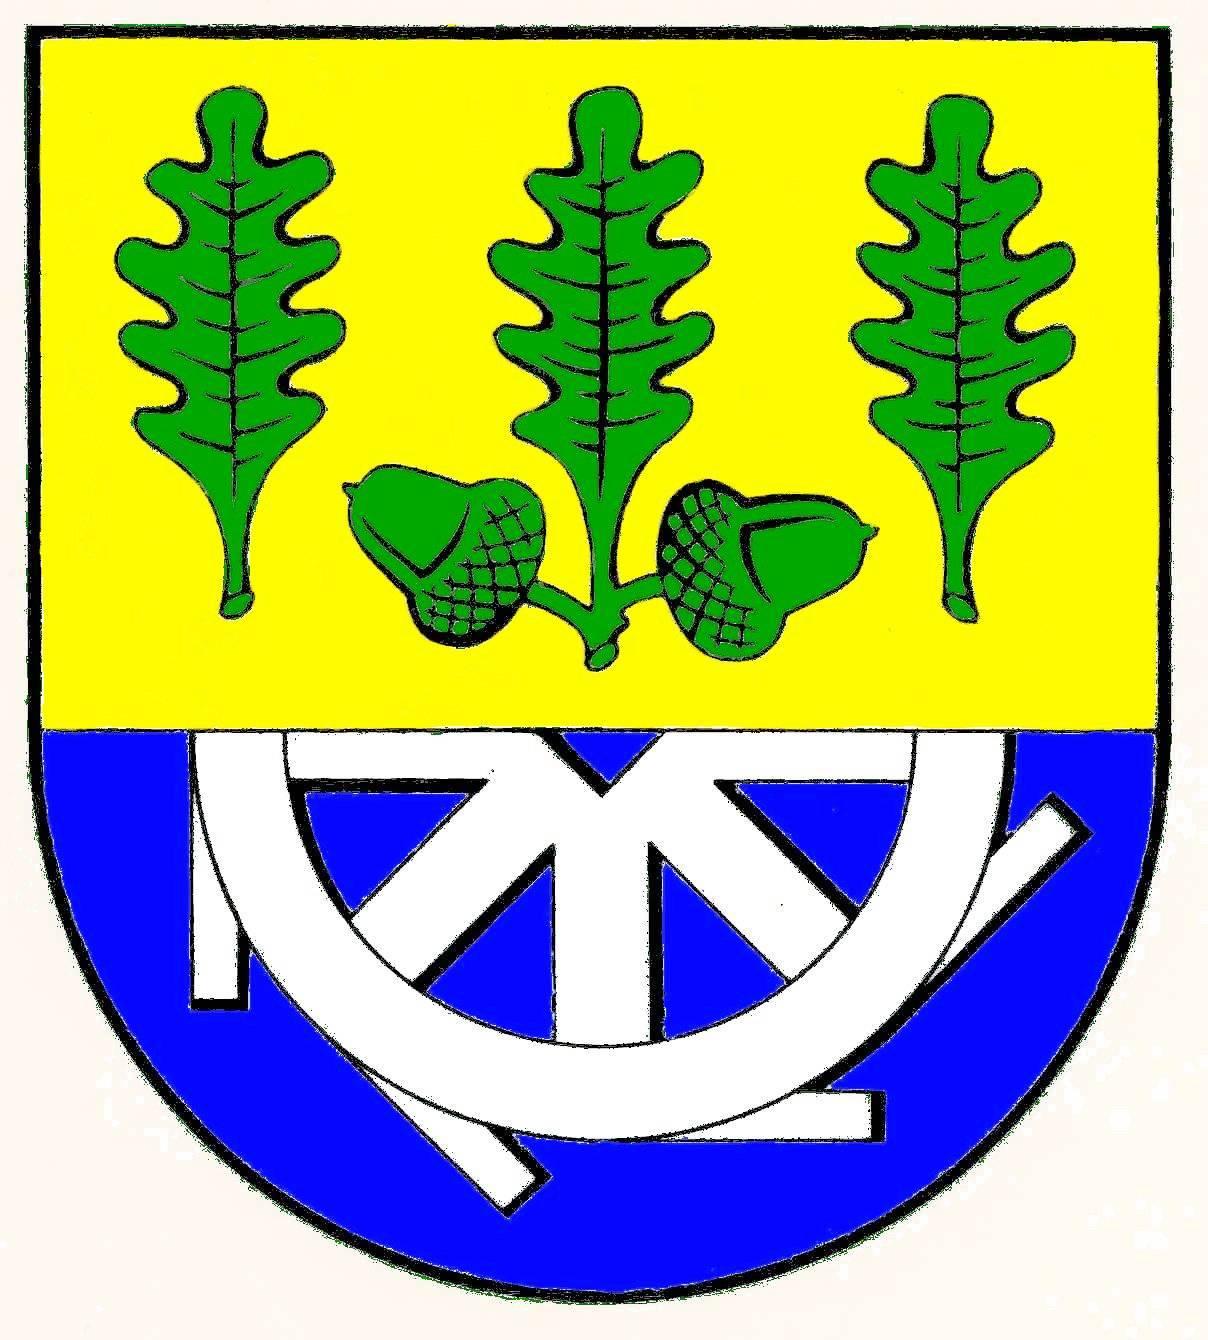 Wappen GemeindeBollingstedt, Kreis Schleswig-Flensburg